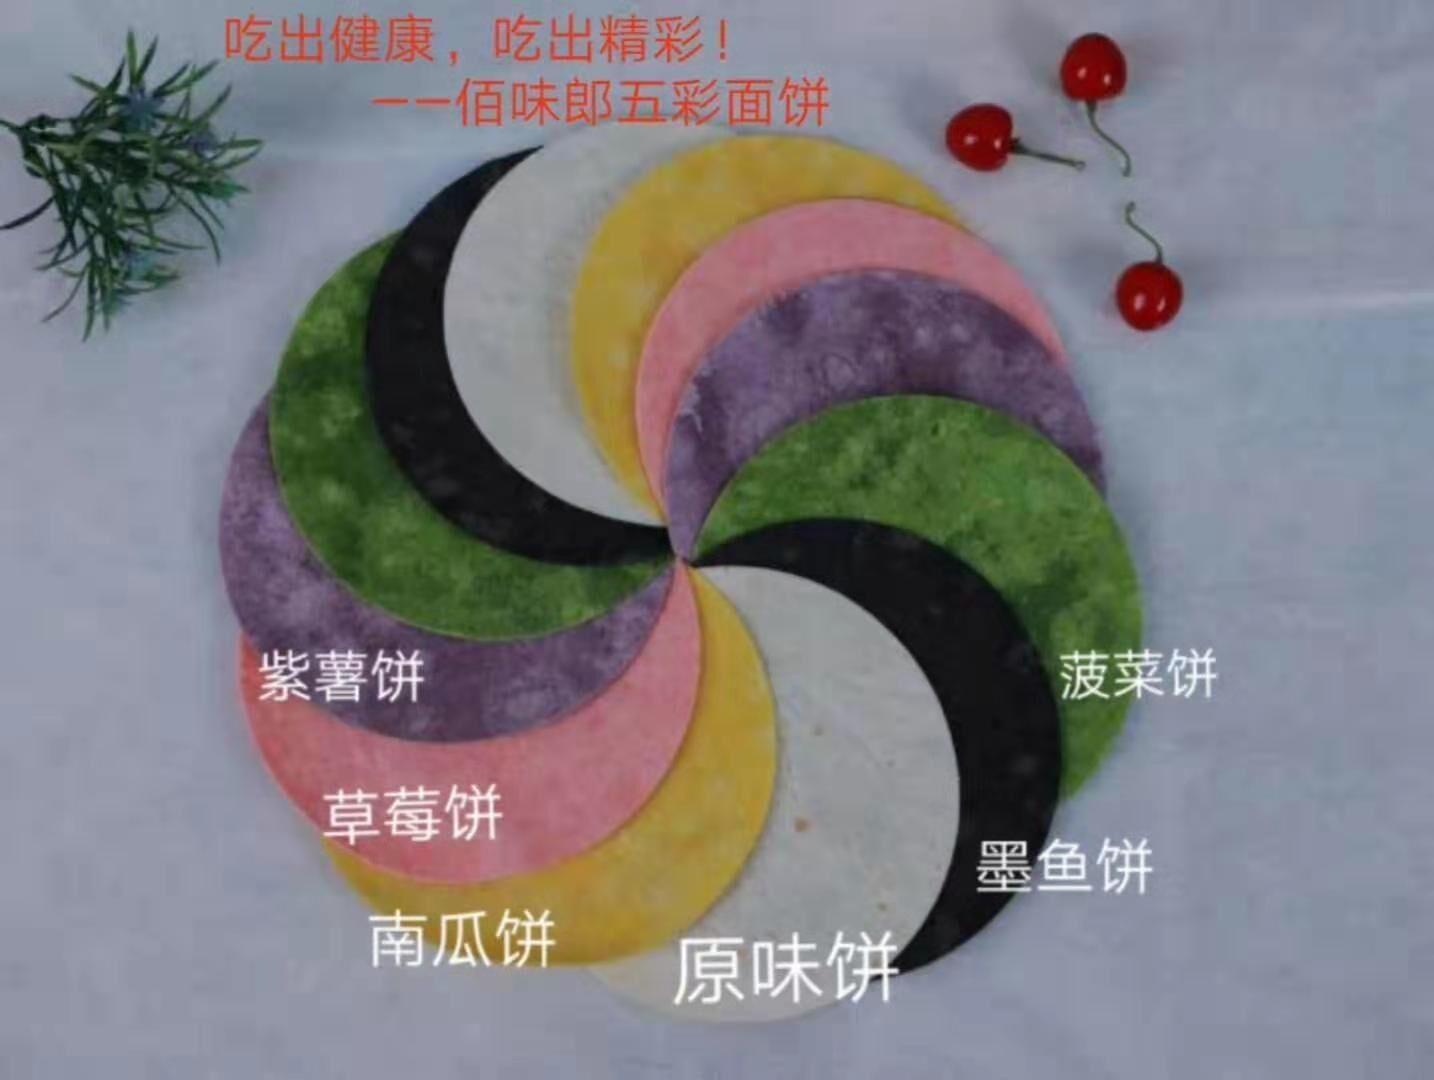 浙江蔬菜饼价格